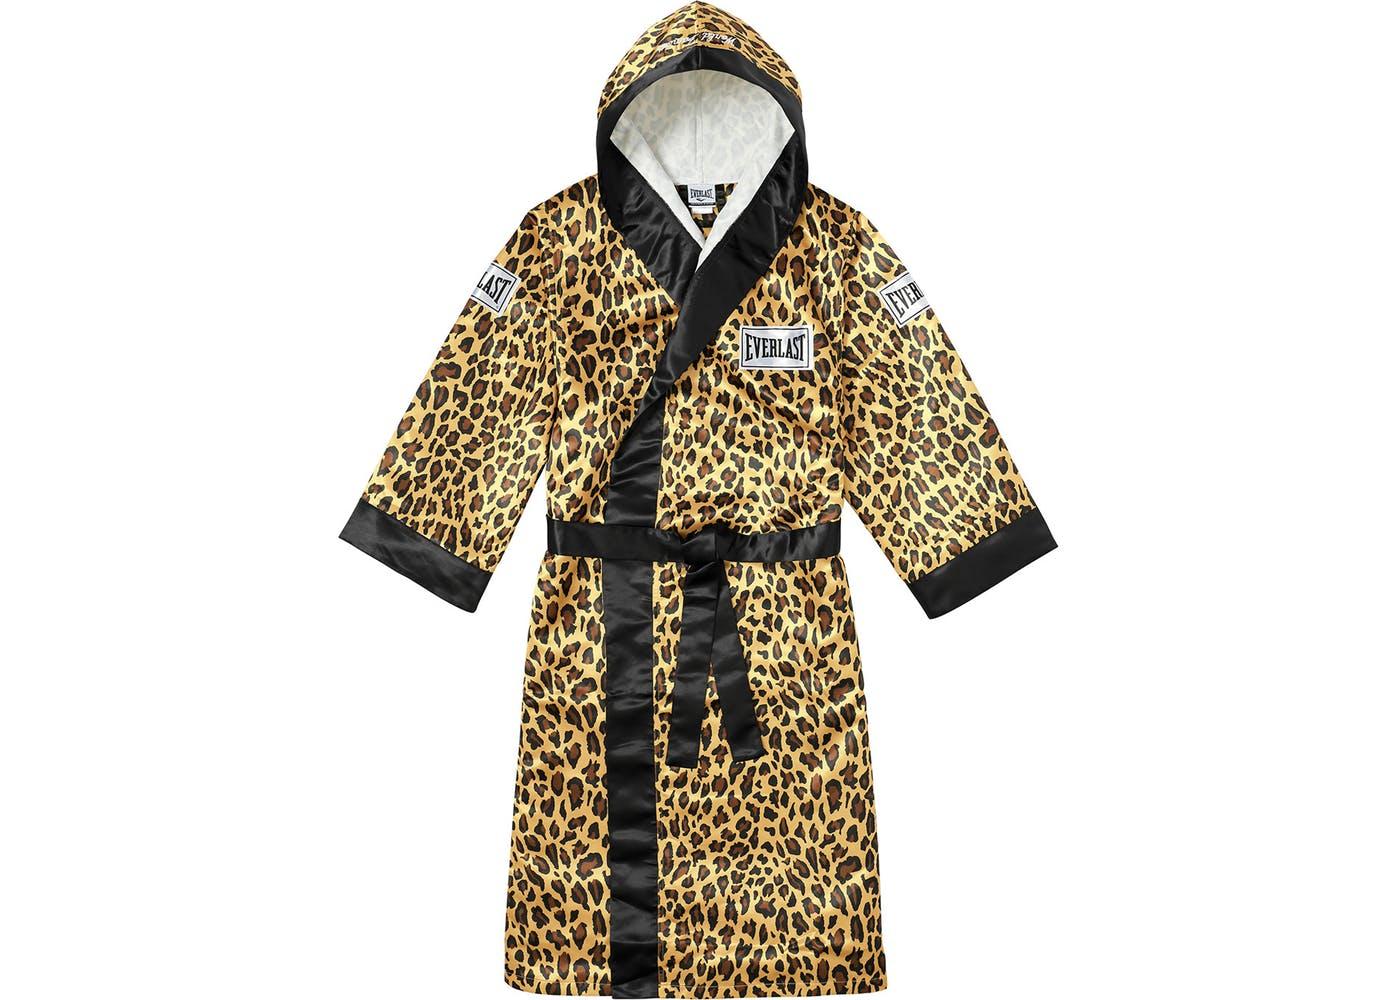 Leopard Supreme Everlast Boxing Robe - StockX News 16e4281a027f